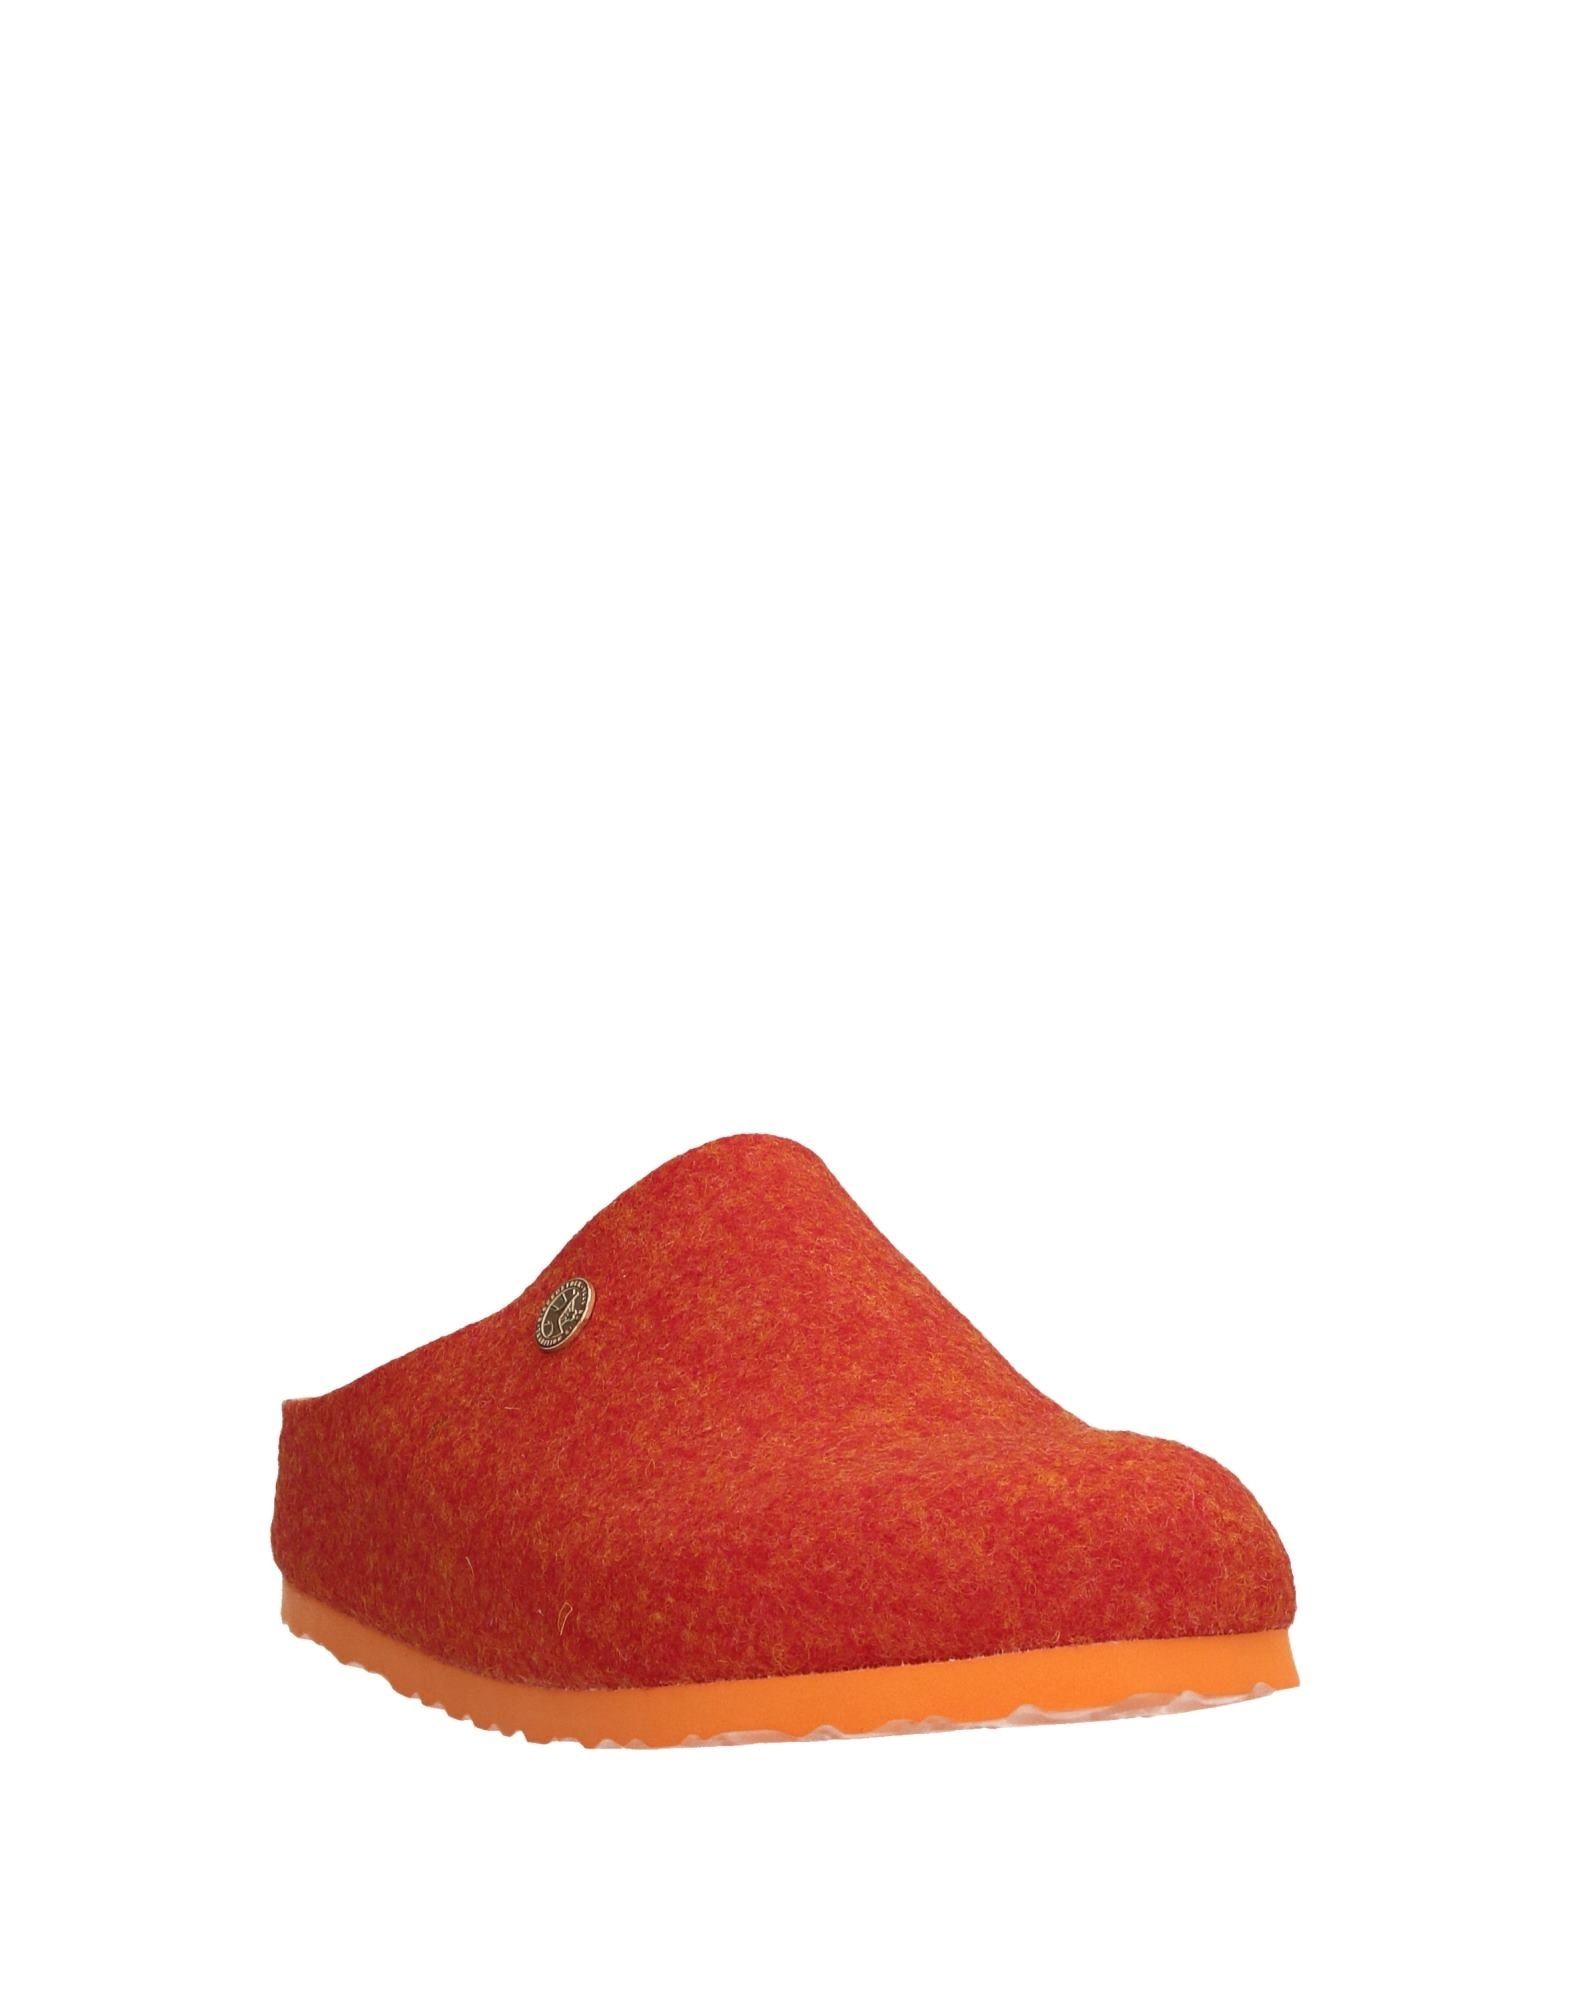 Birkenstock Slippers - Women Birkenstock Slippers online online online on  United Kingdom - 11576881MD 0641a9